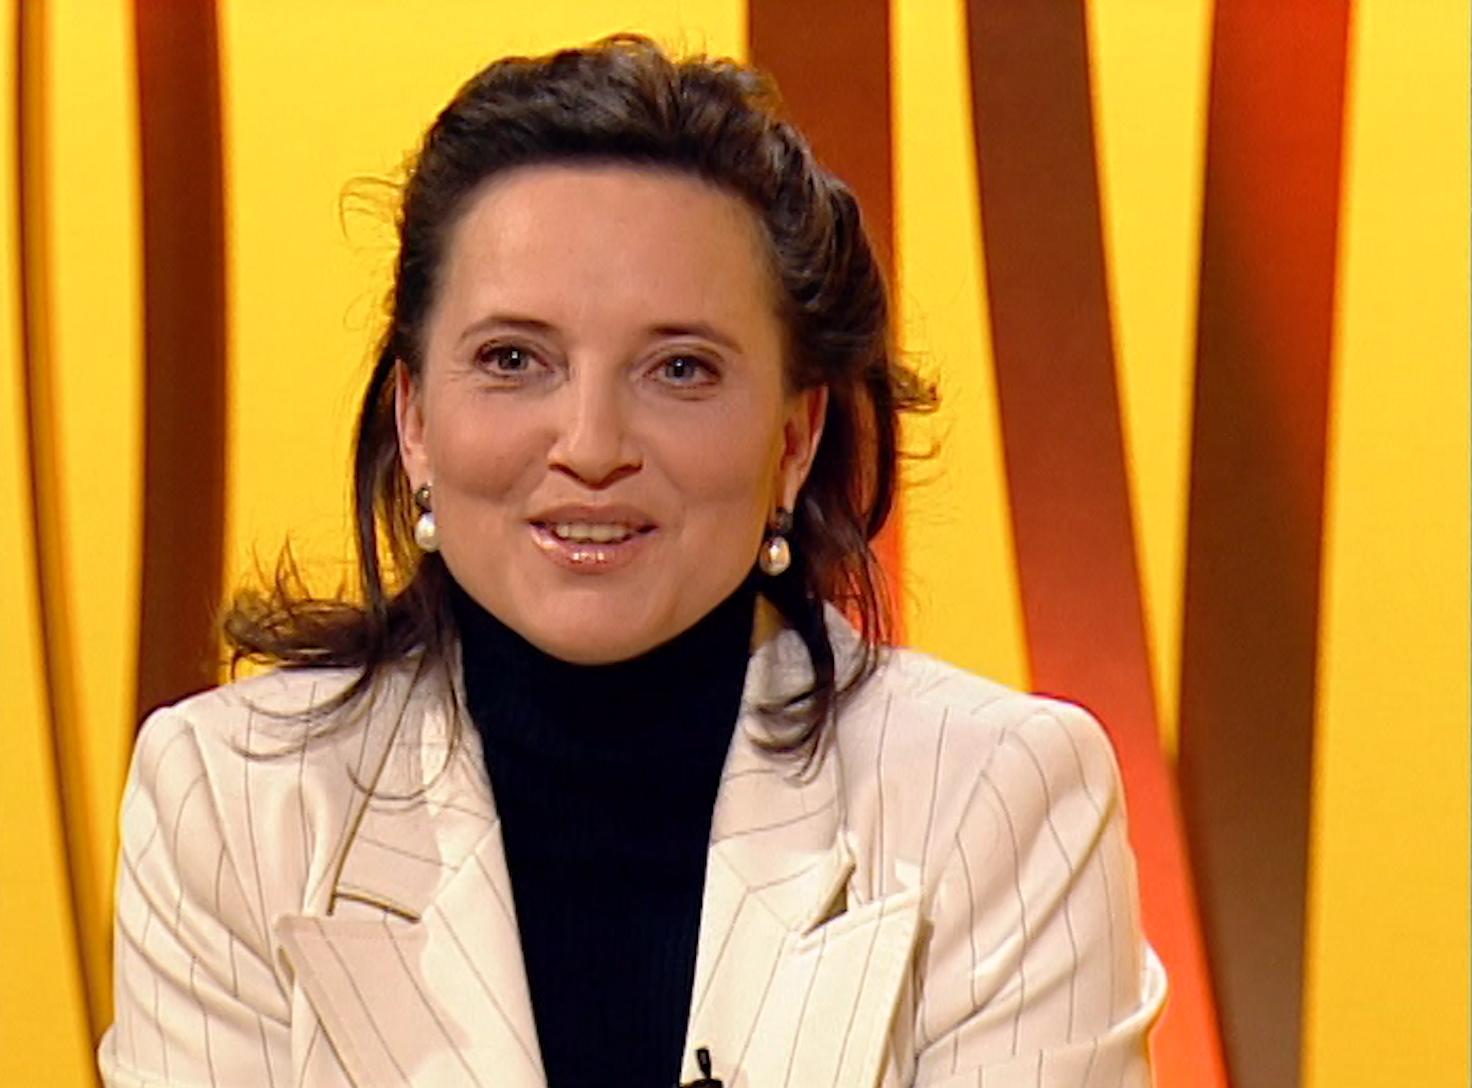 Ariane Ferrier